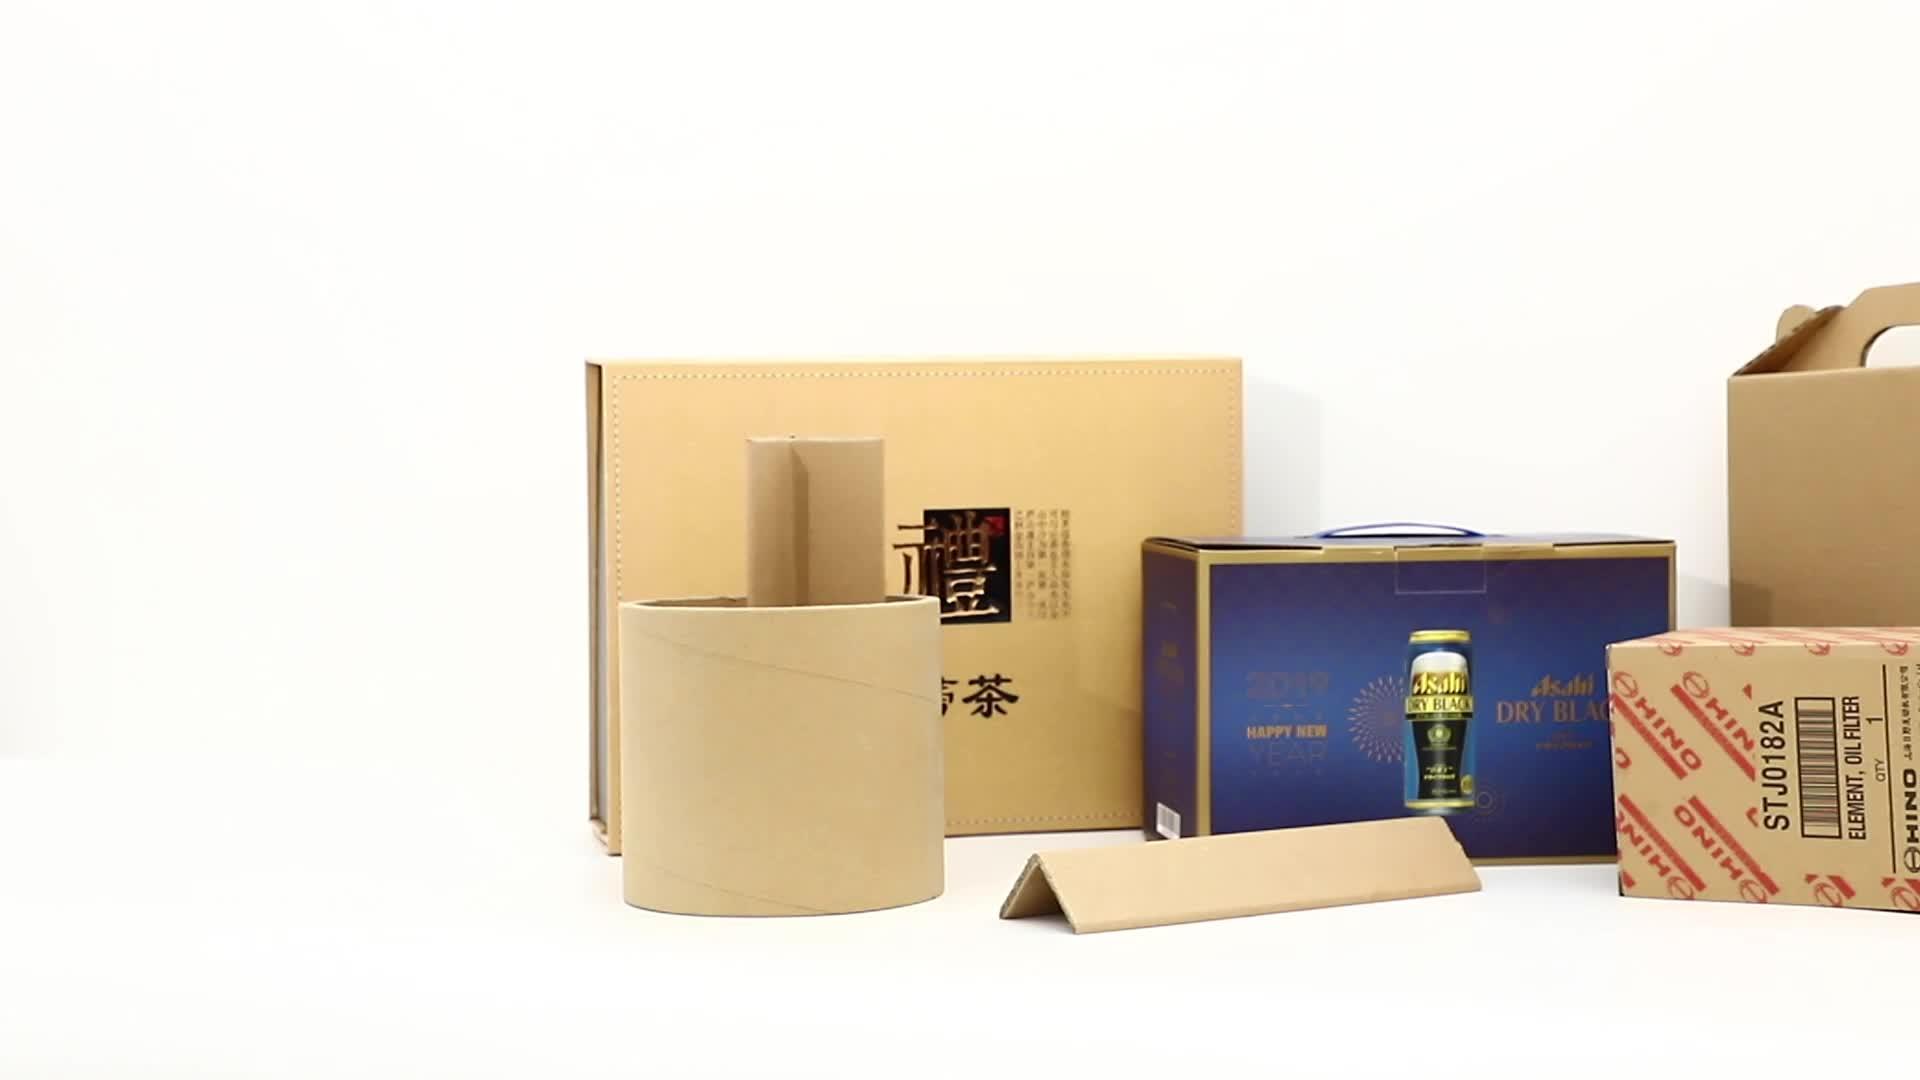 맞춤형 로고 인쇄 크래프트 종이 골판지 판지 상자